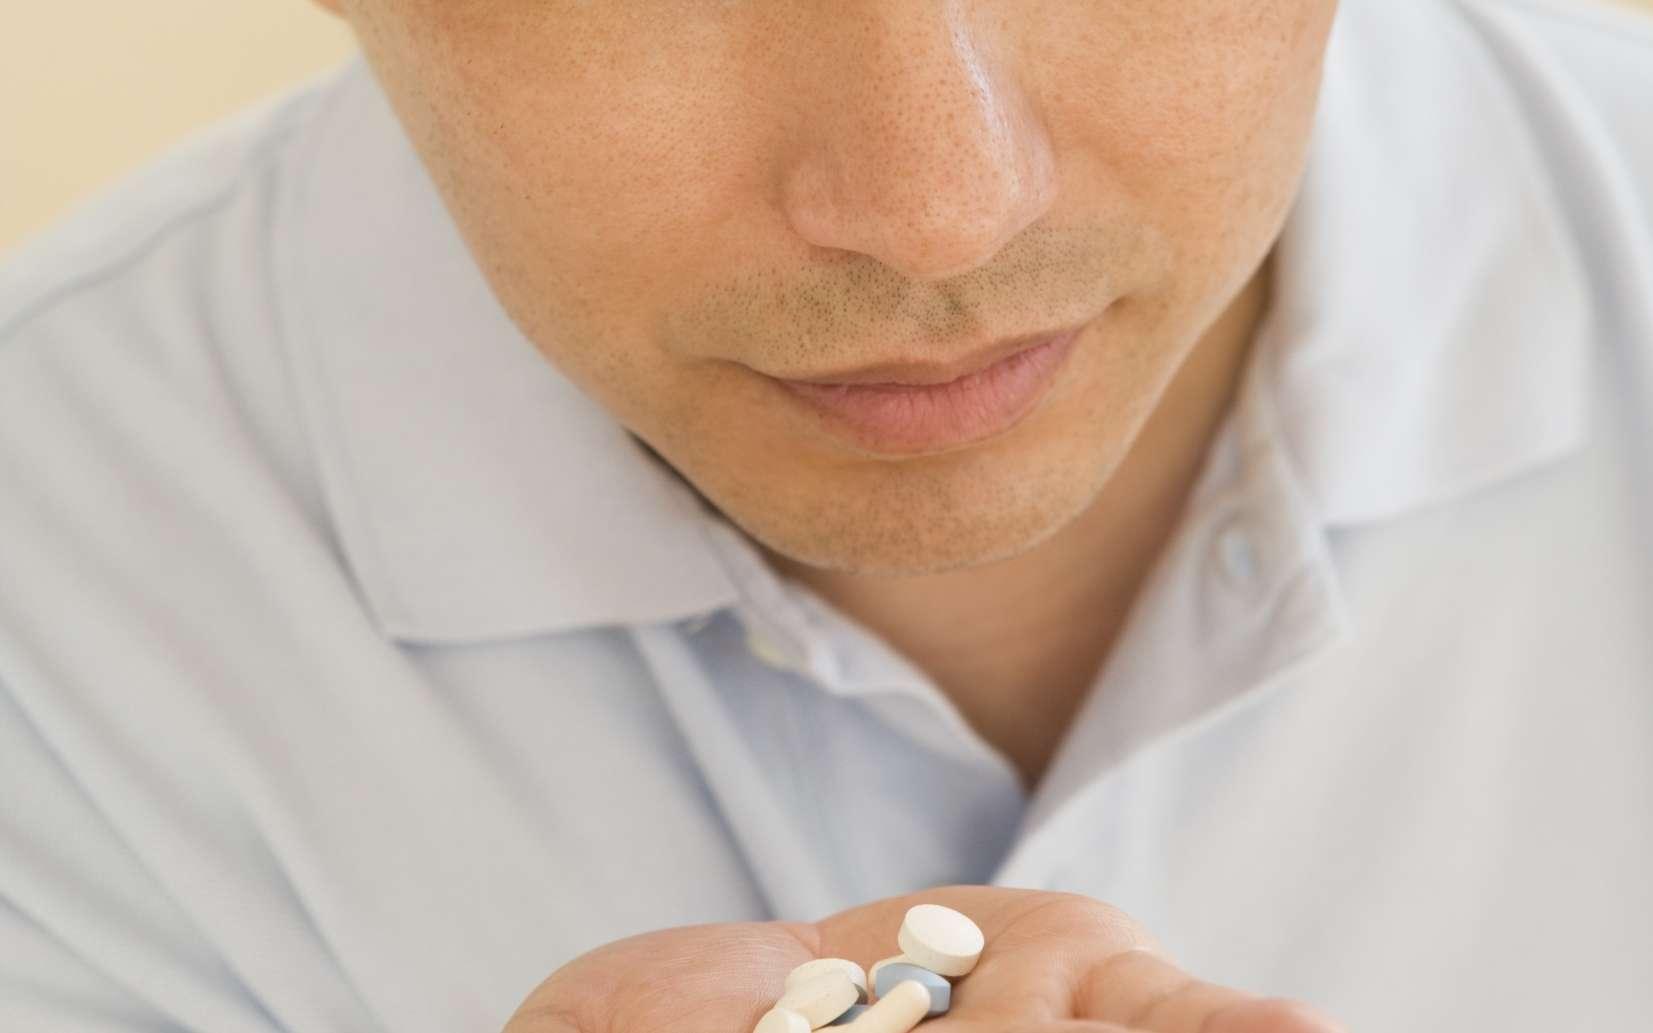 Le zonisamide est un antiépileptique. © Phovoir